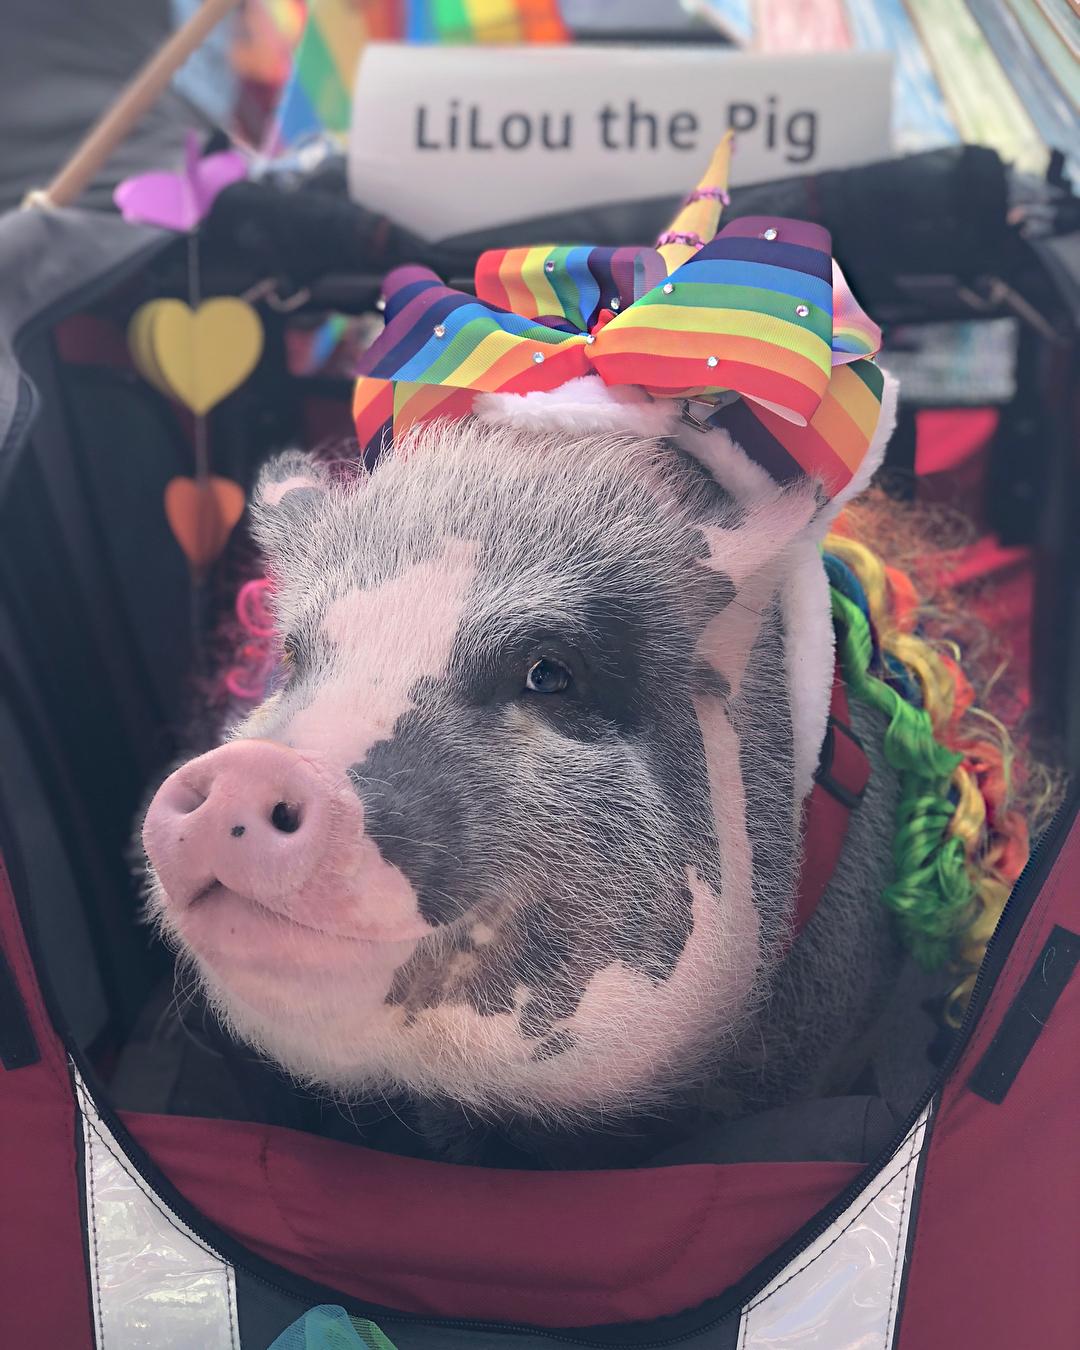 """<div class=""""meta image-caption""""><div class=""""origin-logo origin-image none""""><span>none</span></div><span class=""""caption-text"""">LiLou the Pig celebrates her first Pride Parade in San Francisco on Sunday, June 24, 2018. (@lilou_sfpig/Instagram)</span></div>"""